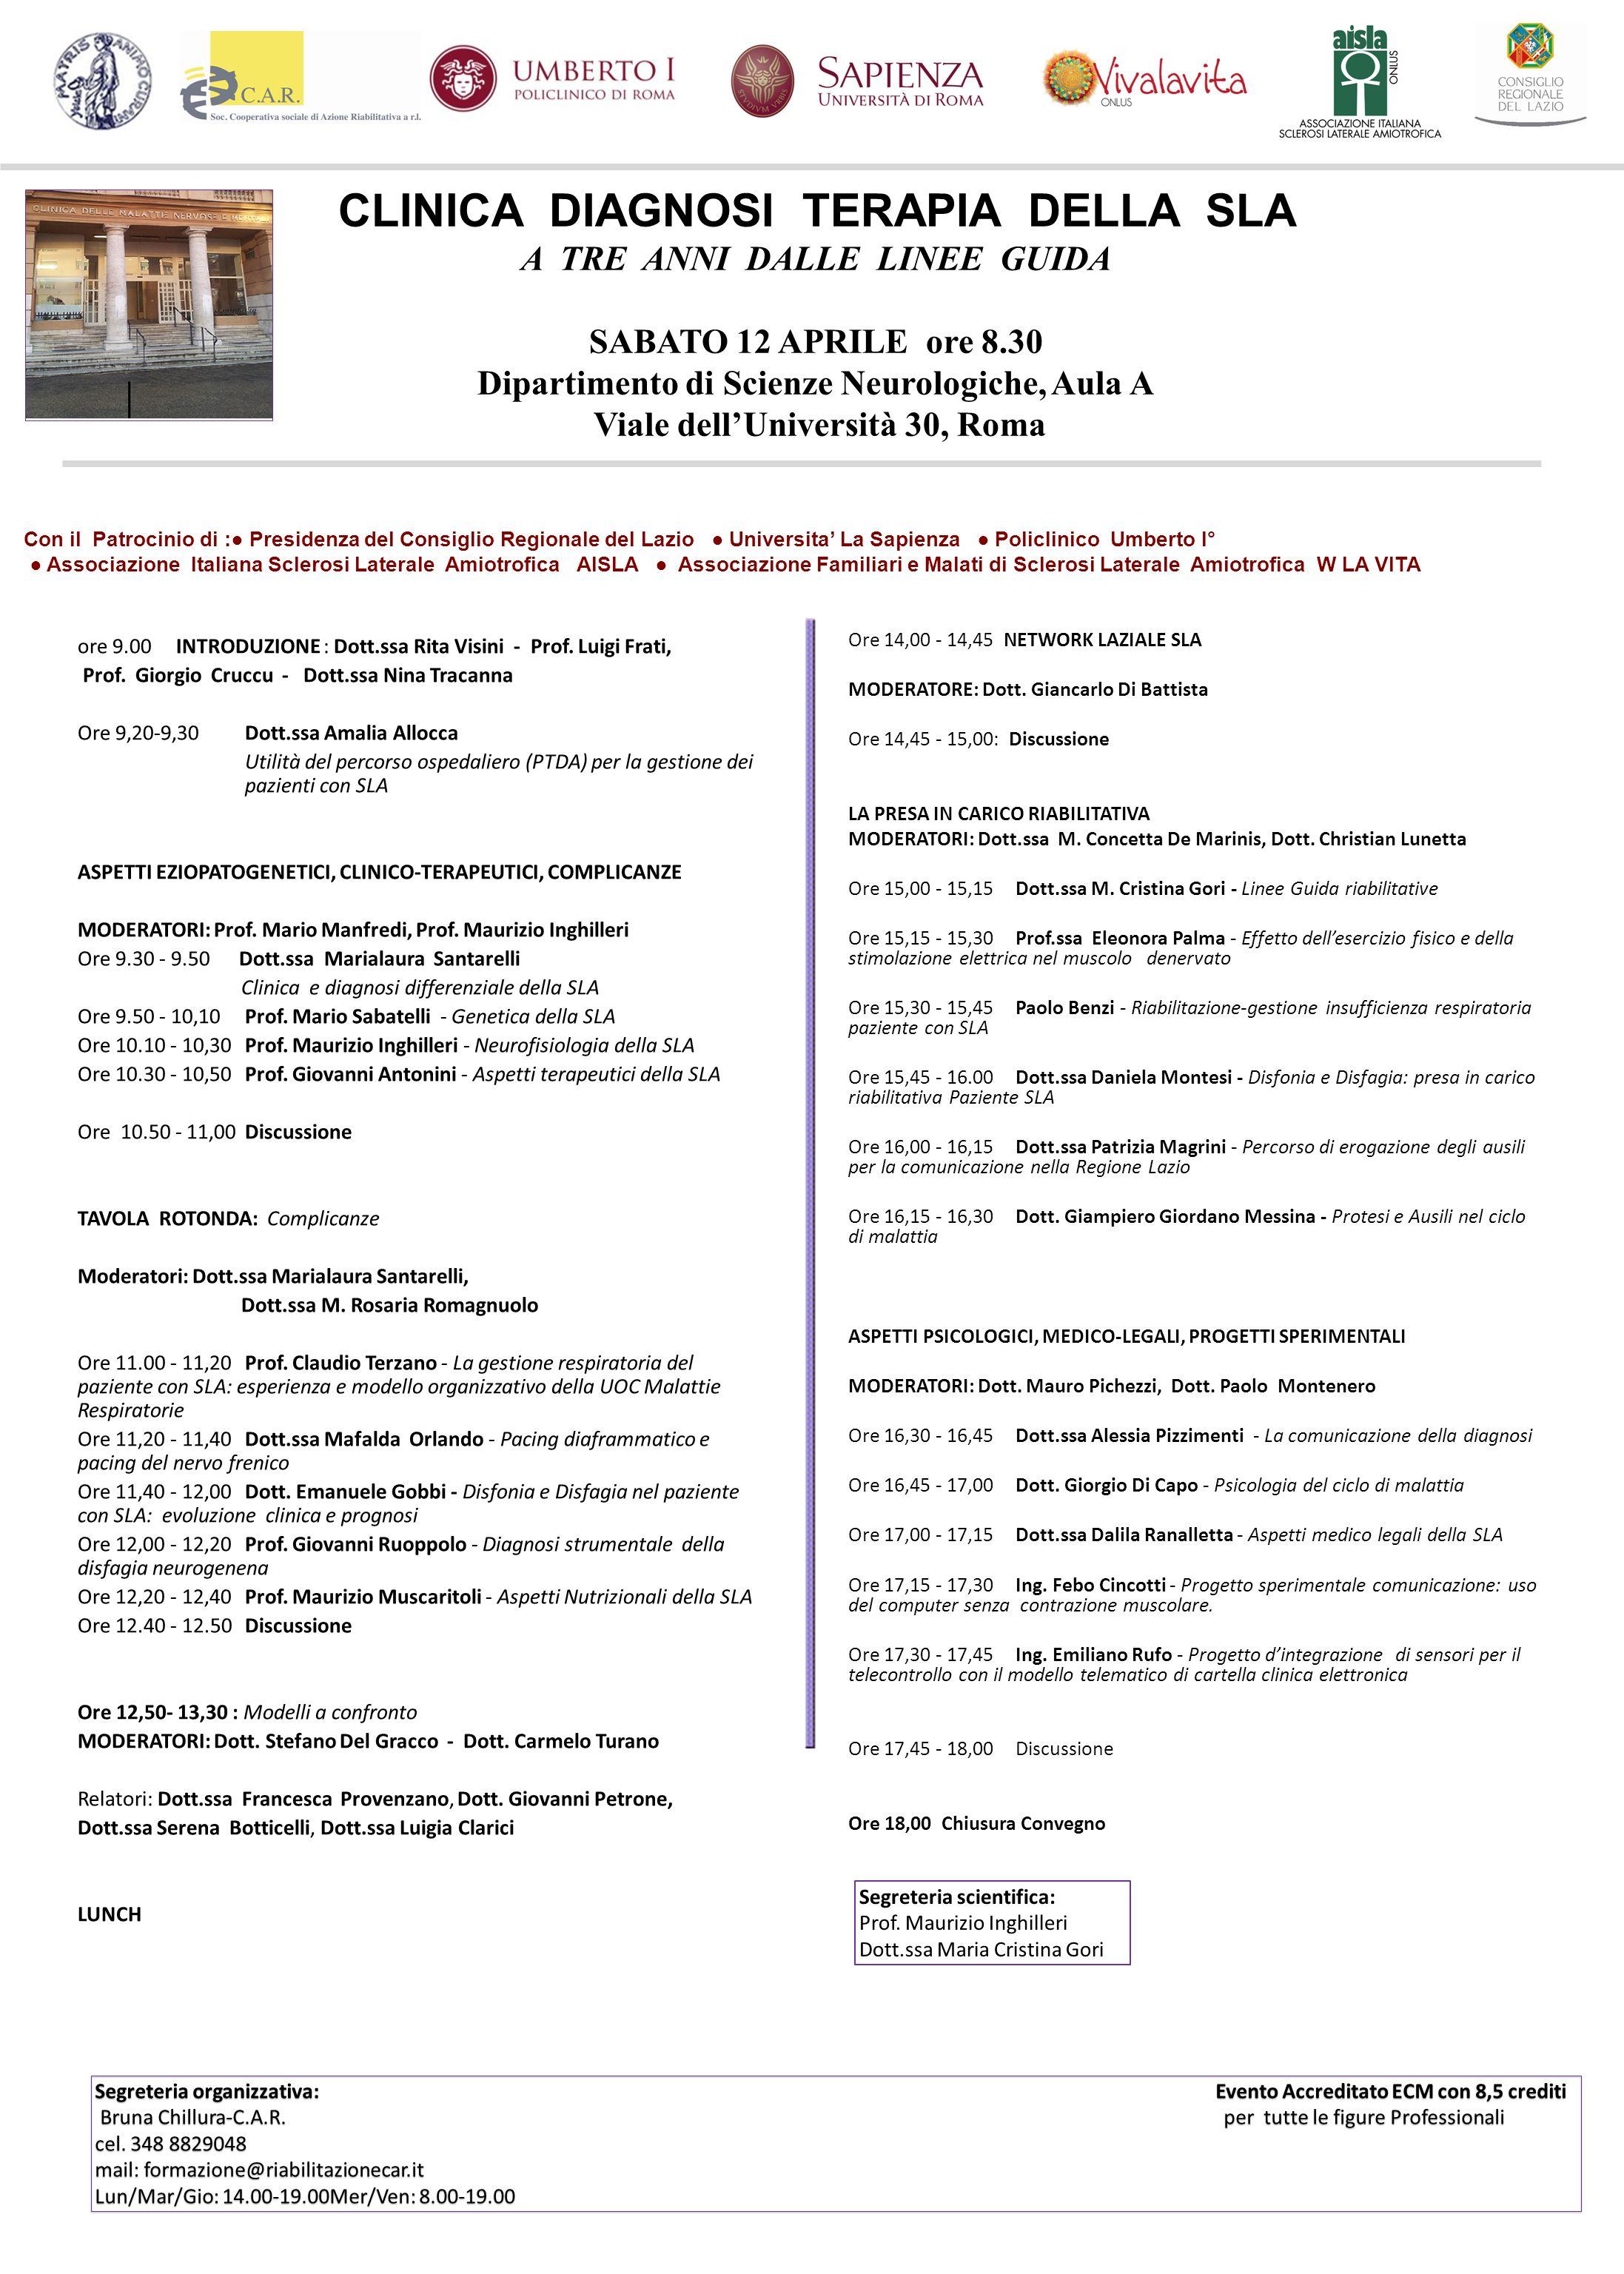 CLINICA DIAGNOSI TERAPIA DELLA SLA A TRE ANNI DALLE LINEE GUIDA SABATO 12 APRILE ore 8.30 Dipartimento di Scienze Neurologiche, Aula A Viale dell'Università 30, Roma